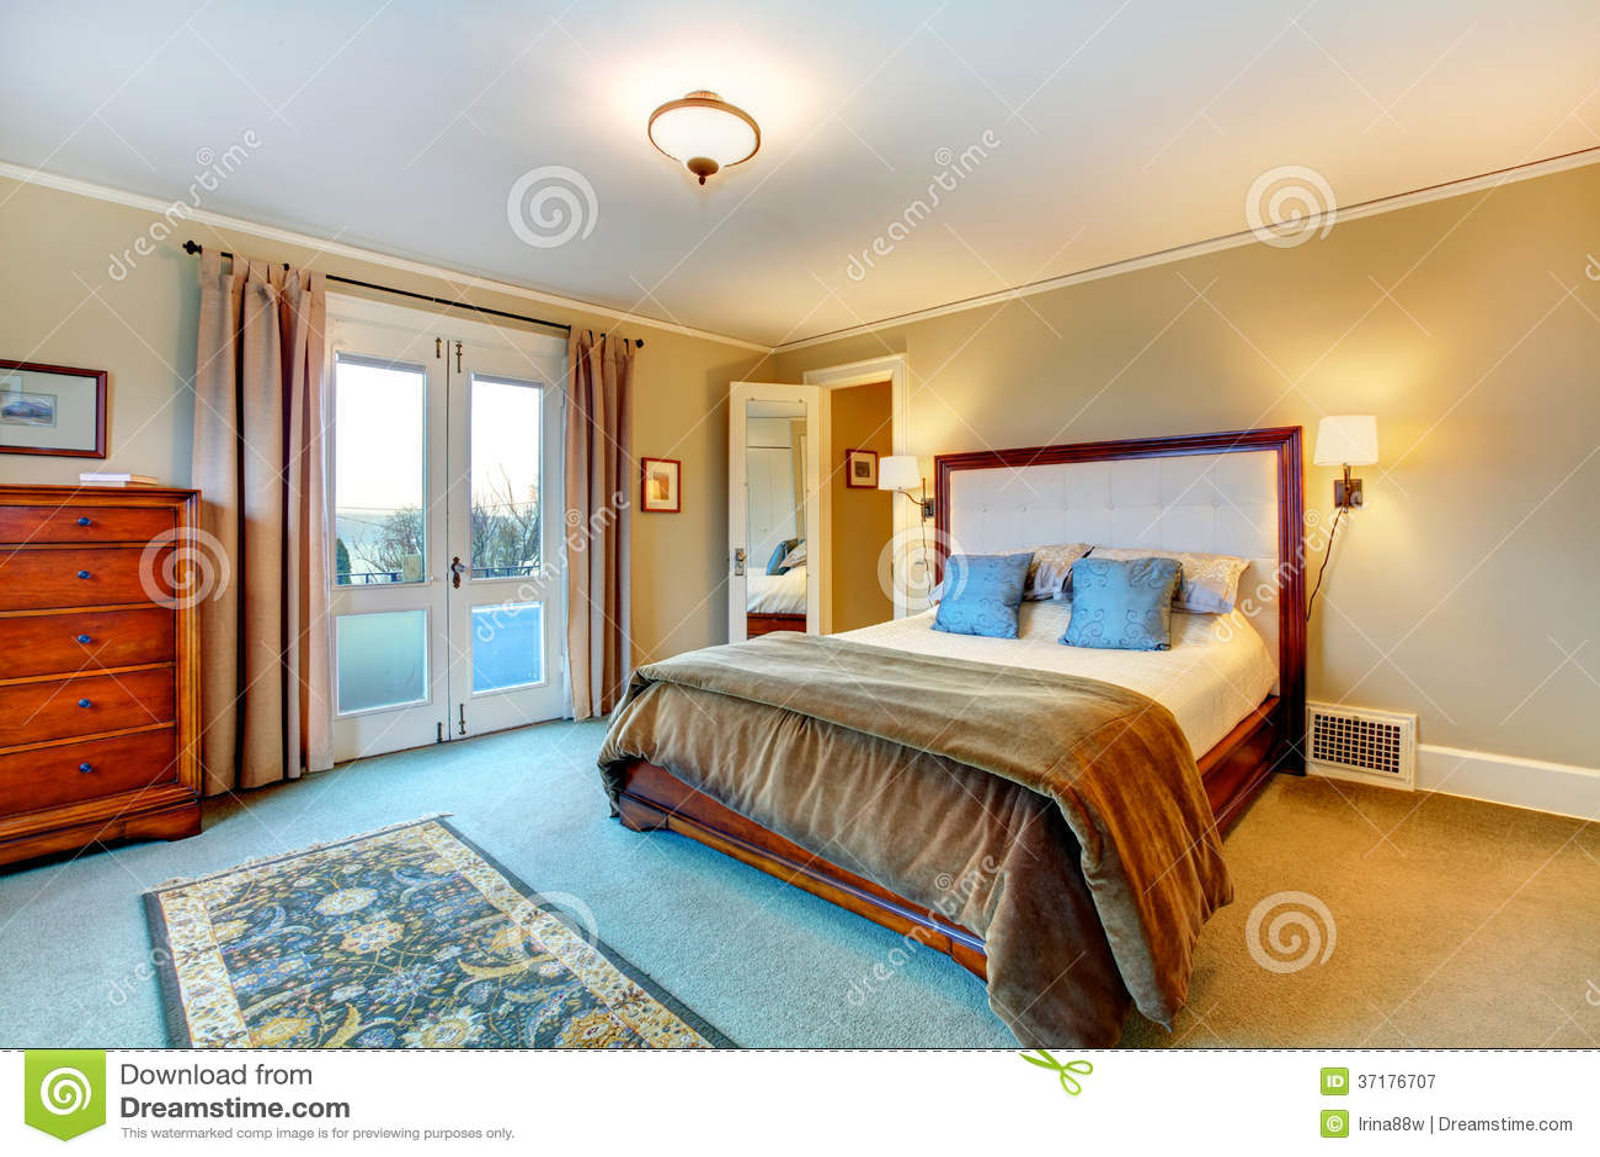 Elegante warme kleuren geleverde slaapkamer stock afbeelding